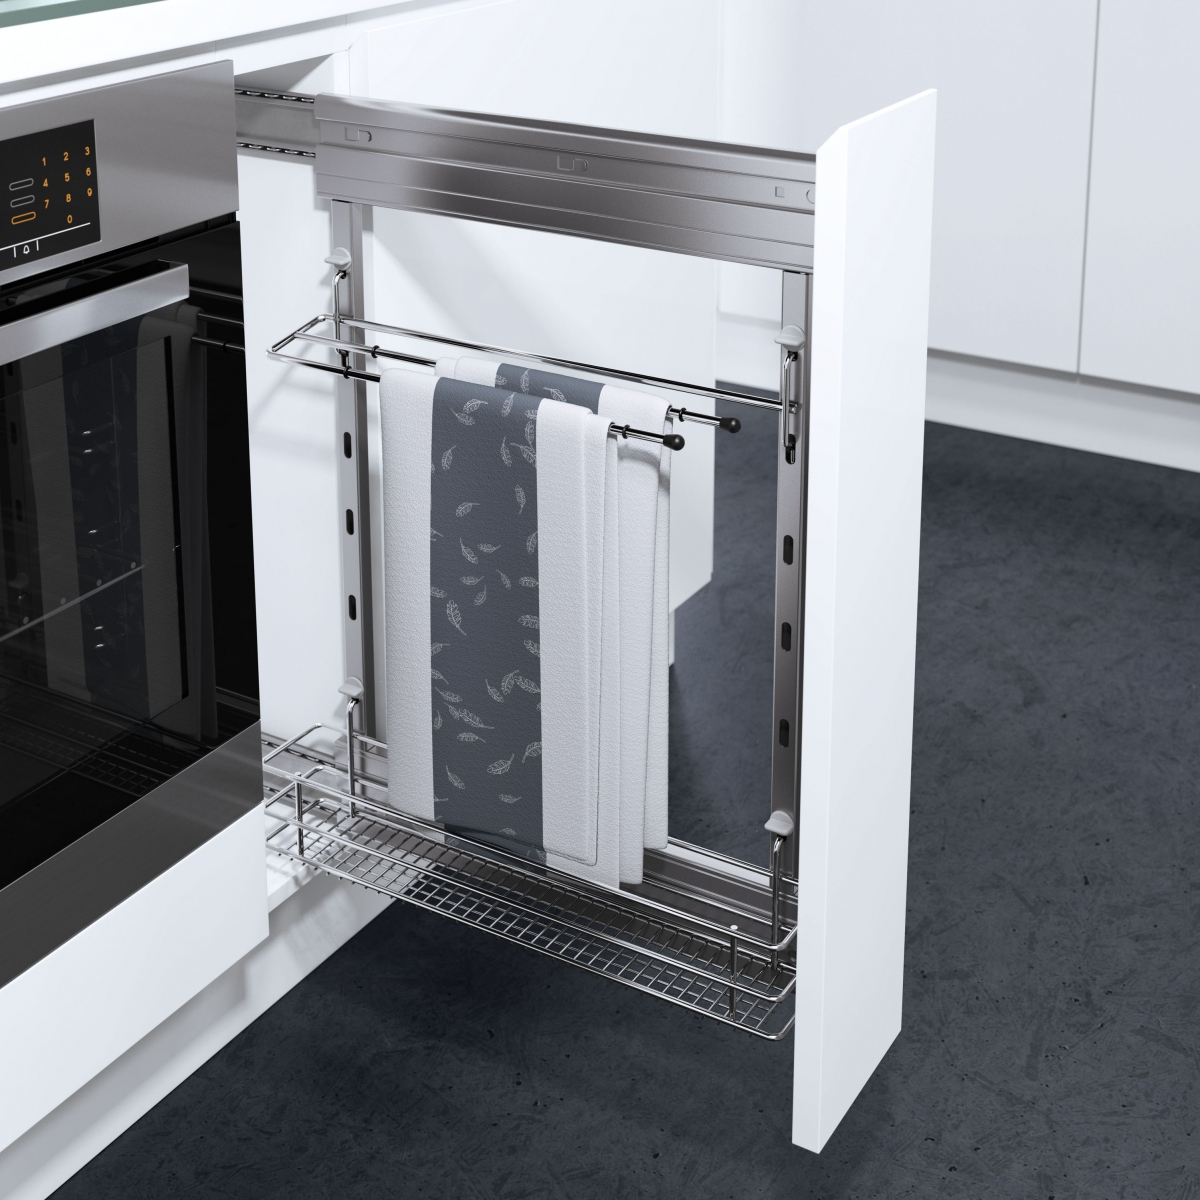 Шкаф карго может быть снабжен прутом для полотенец